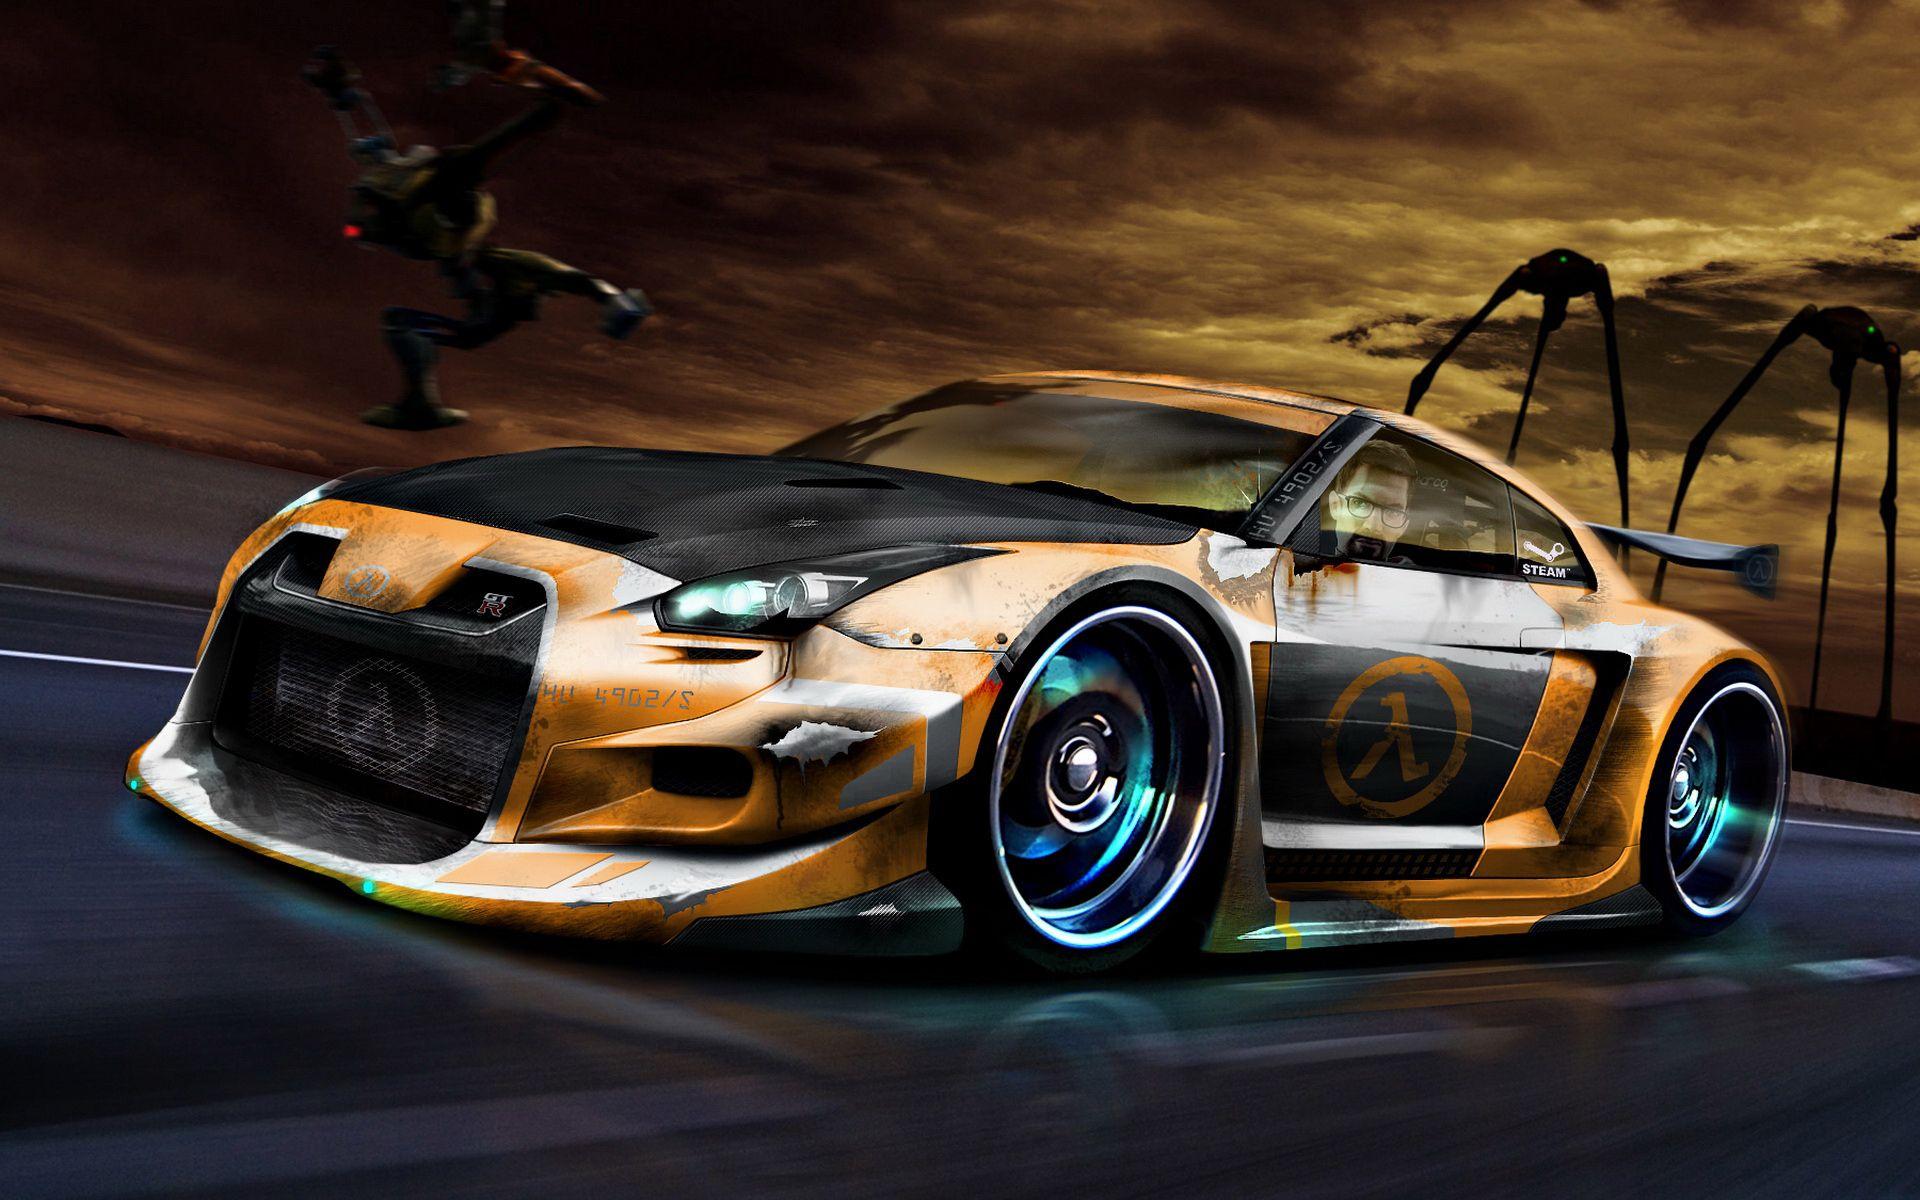 Street Racing Car Pics Cool Sports Wallpaper Auto Desktop